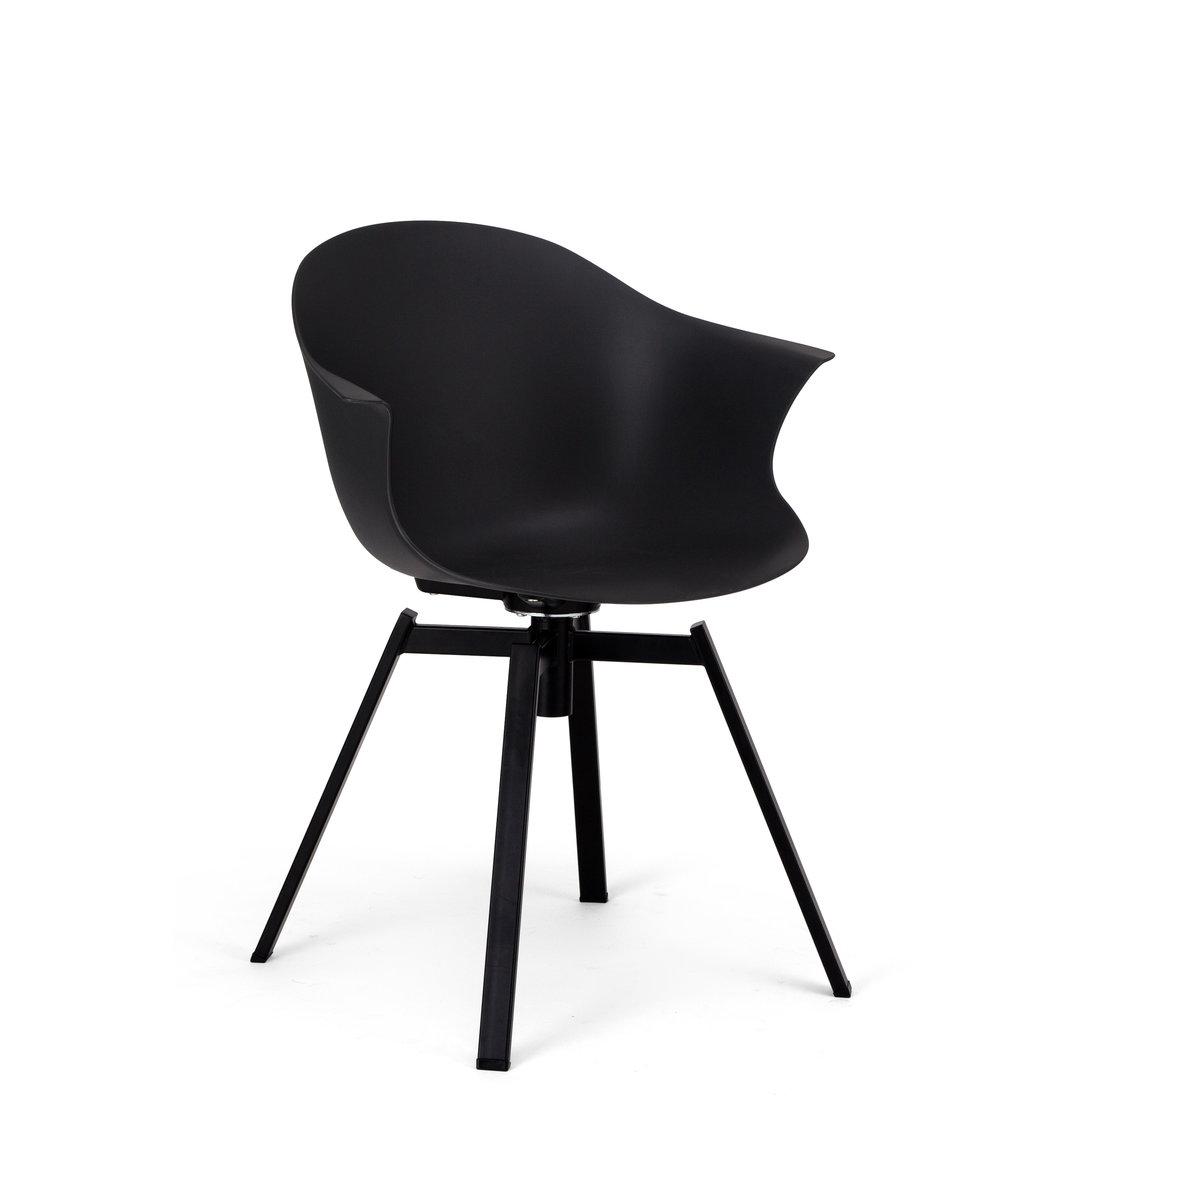 MEET06 Original Design Swivel Chair